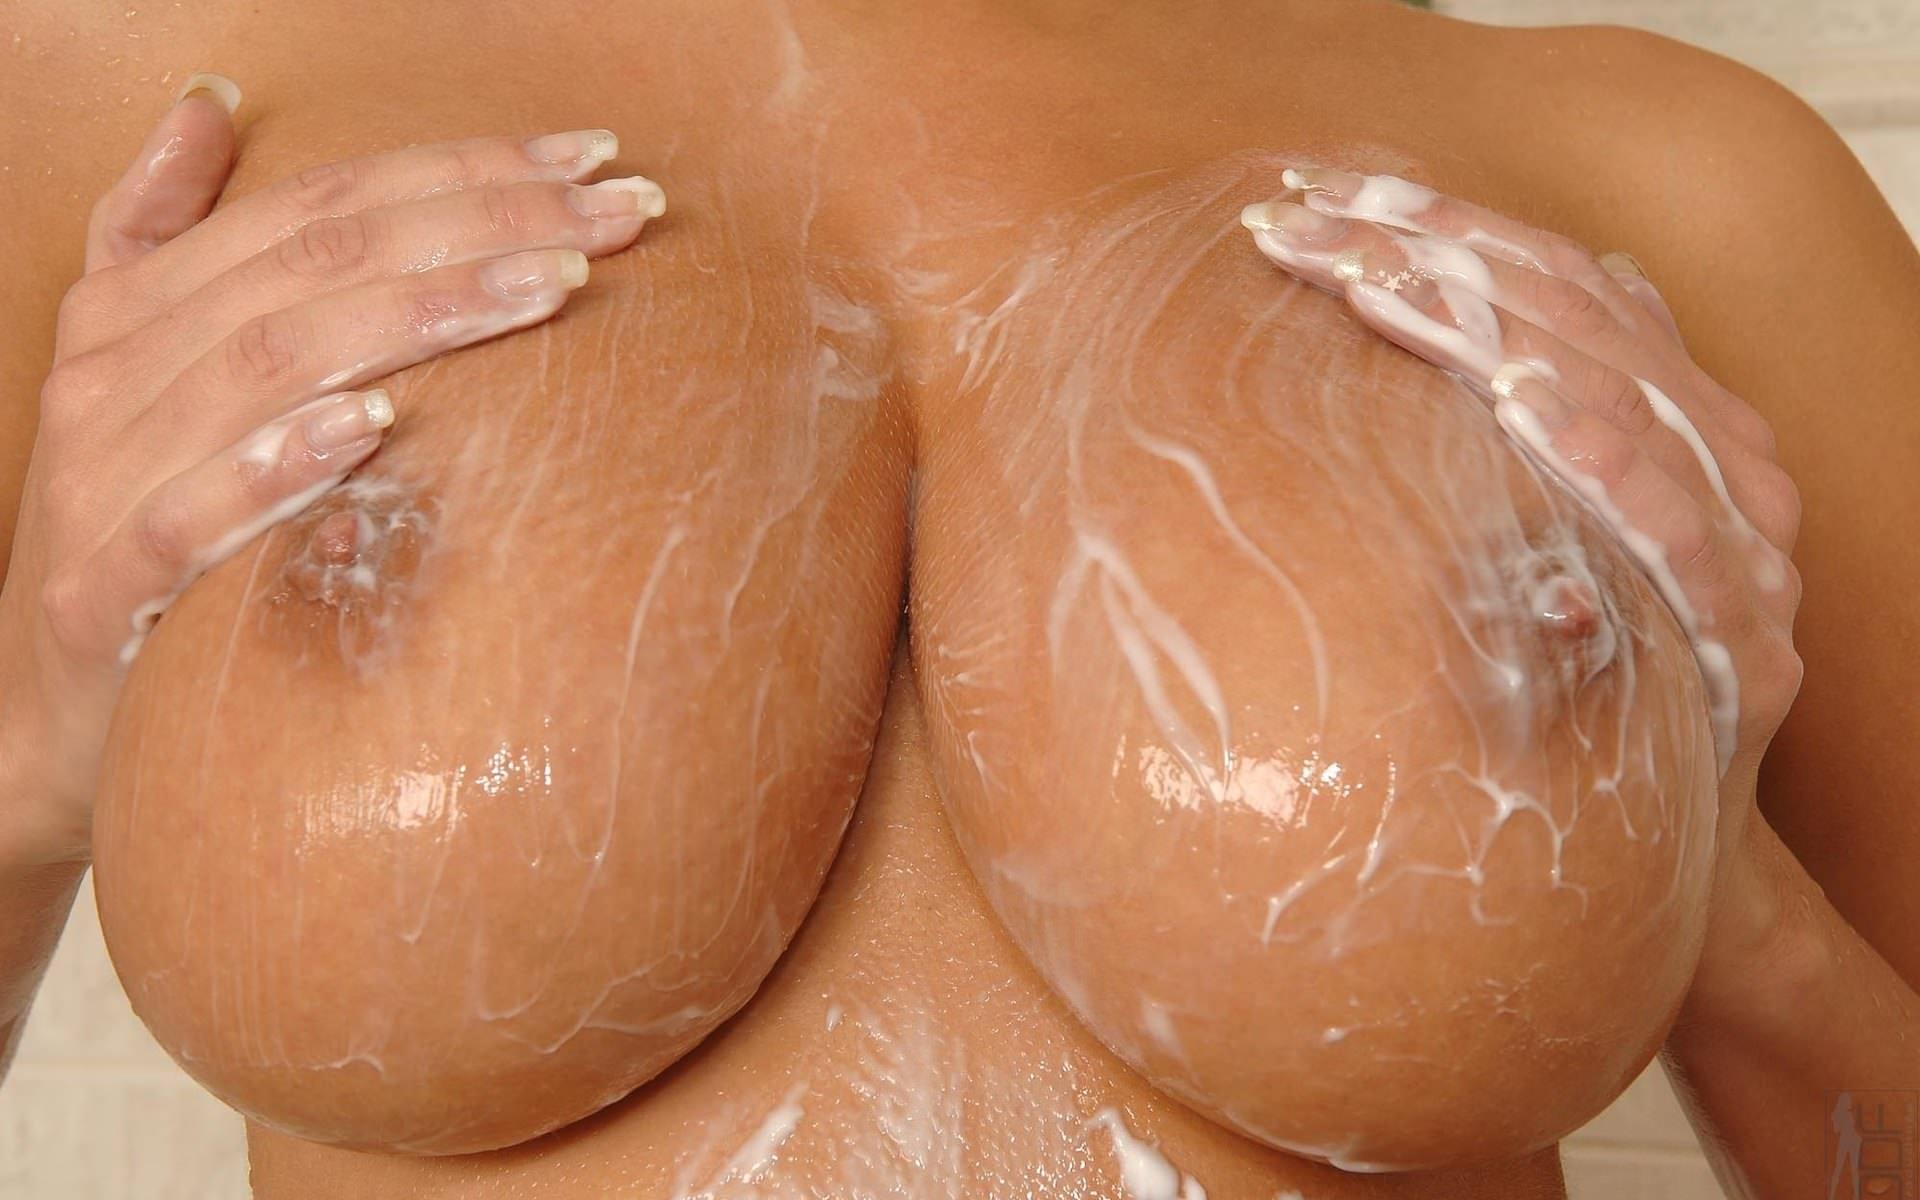 Фото Большие загорелые сиськи в душе, девушка намылила свои сочные сиськи, мыльные титьки. Wet naked boobs, tits in the foam, the soaped boobs, big tanned tits, shower, скачать картинку бесплатно